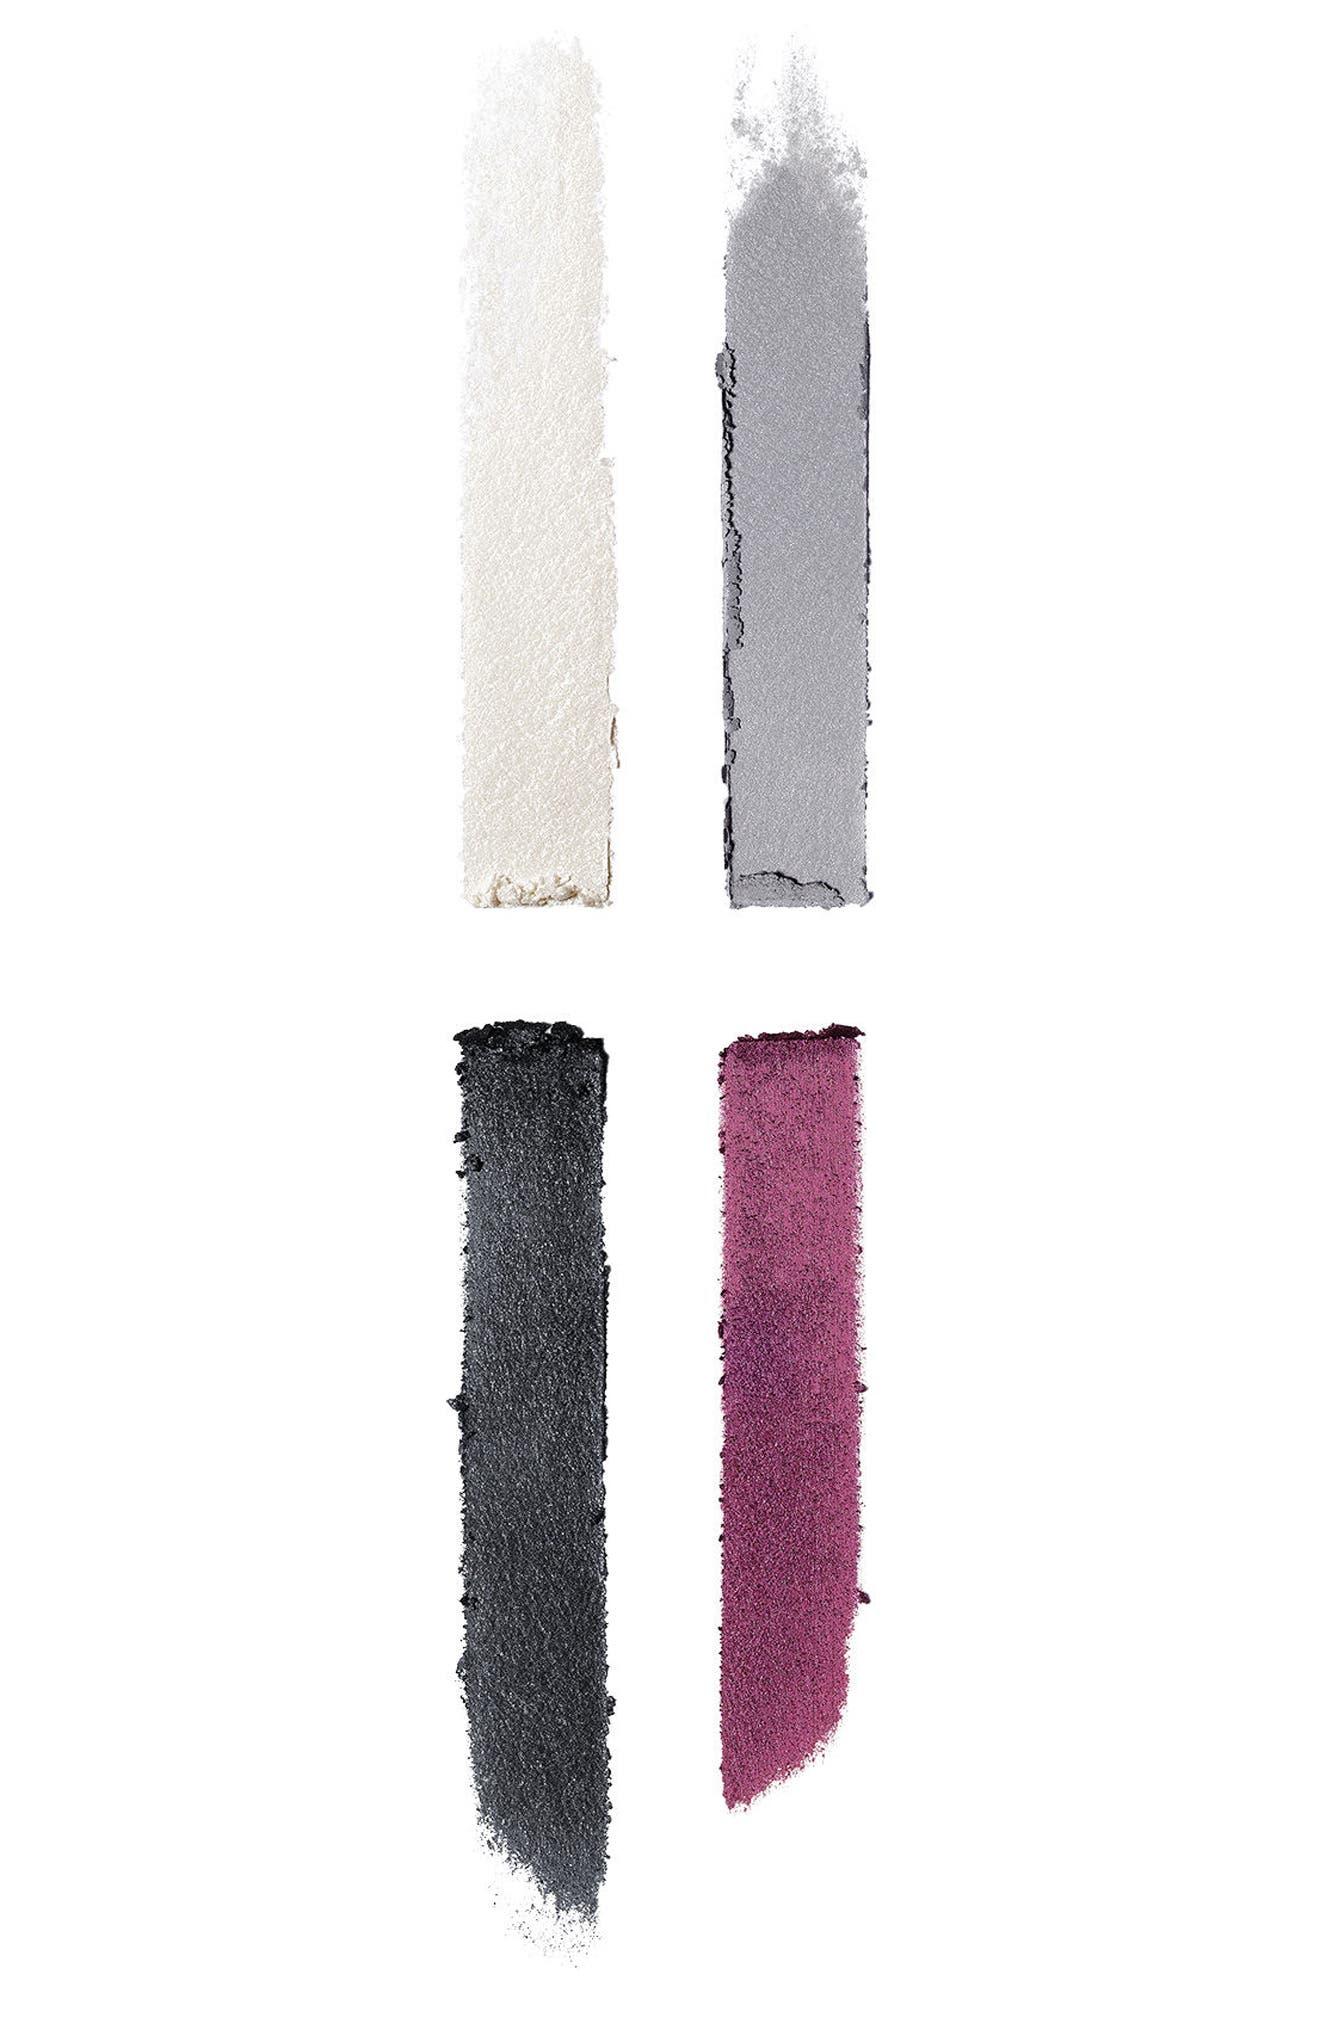 Victoria Beckham Eye Palette,                             Alternate thumbnail 6, color,                             Blanc/ Gris/ Noir/ Bordeaux